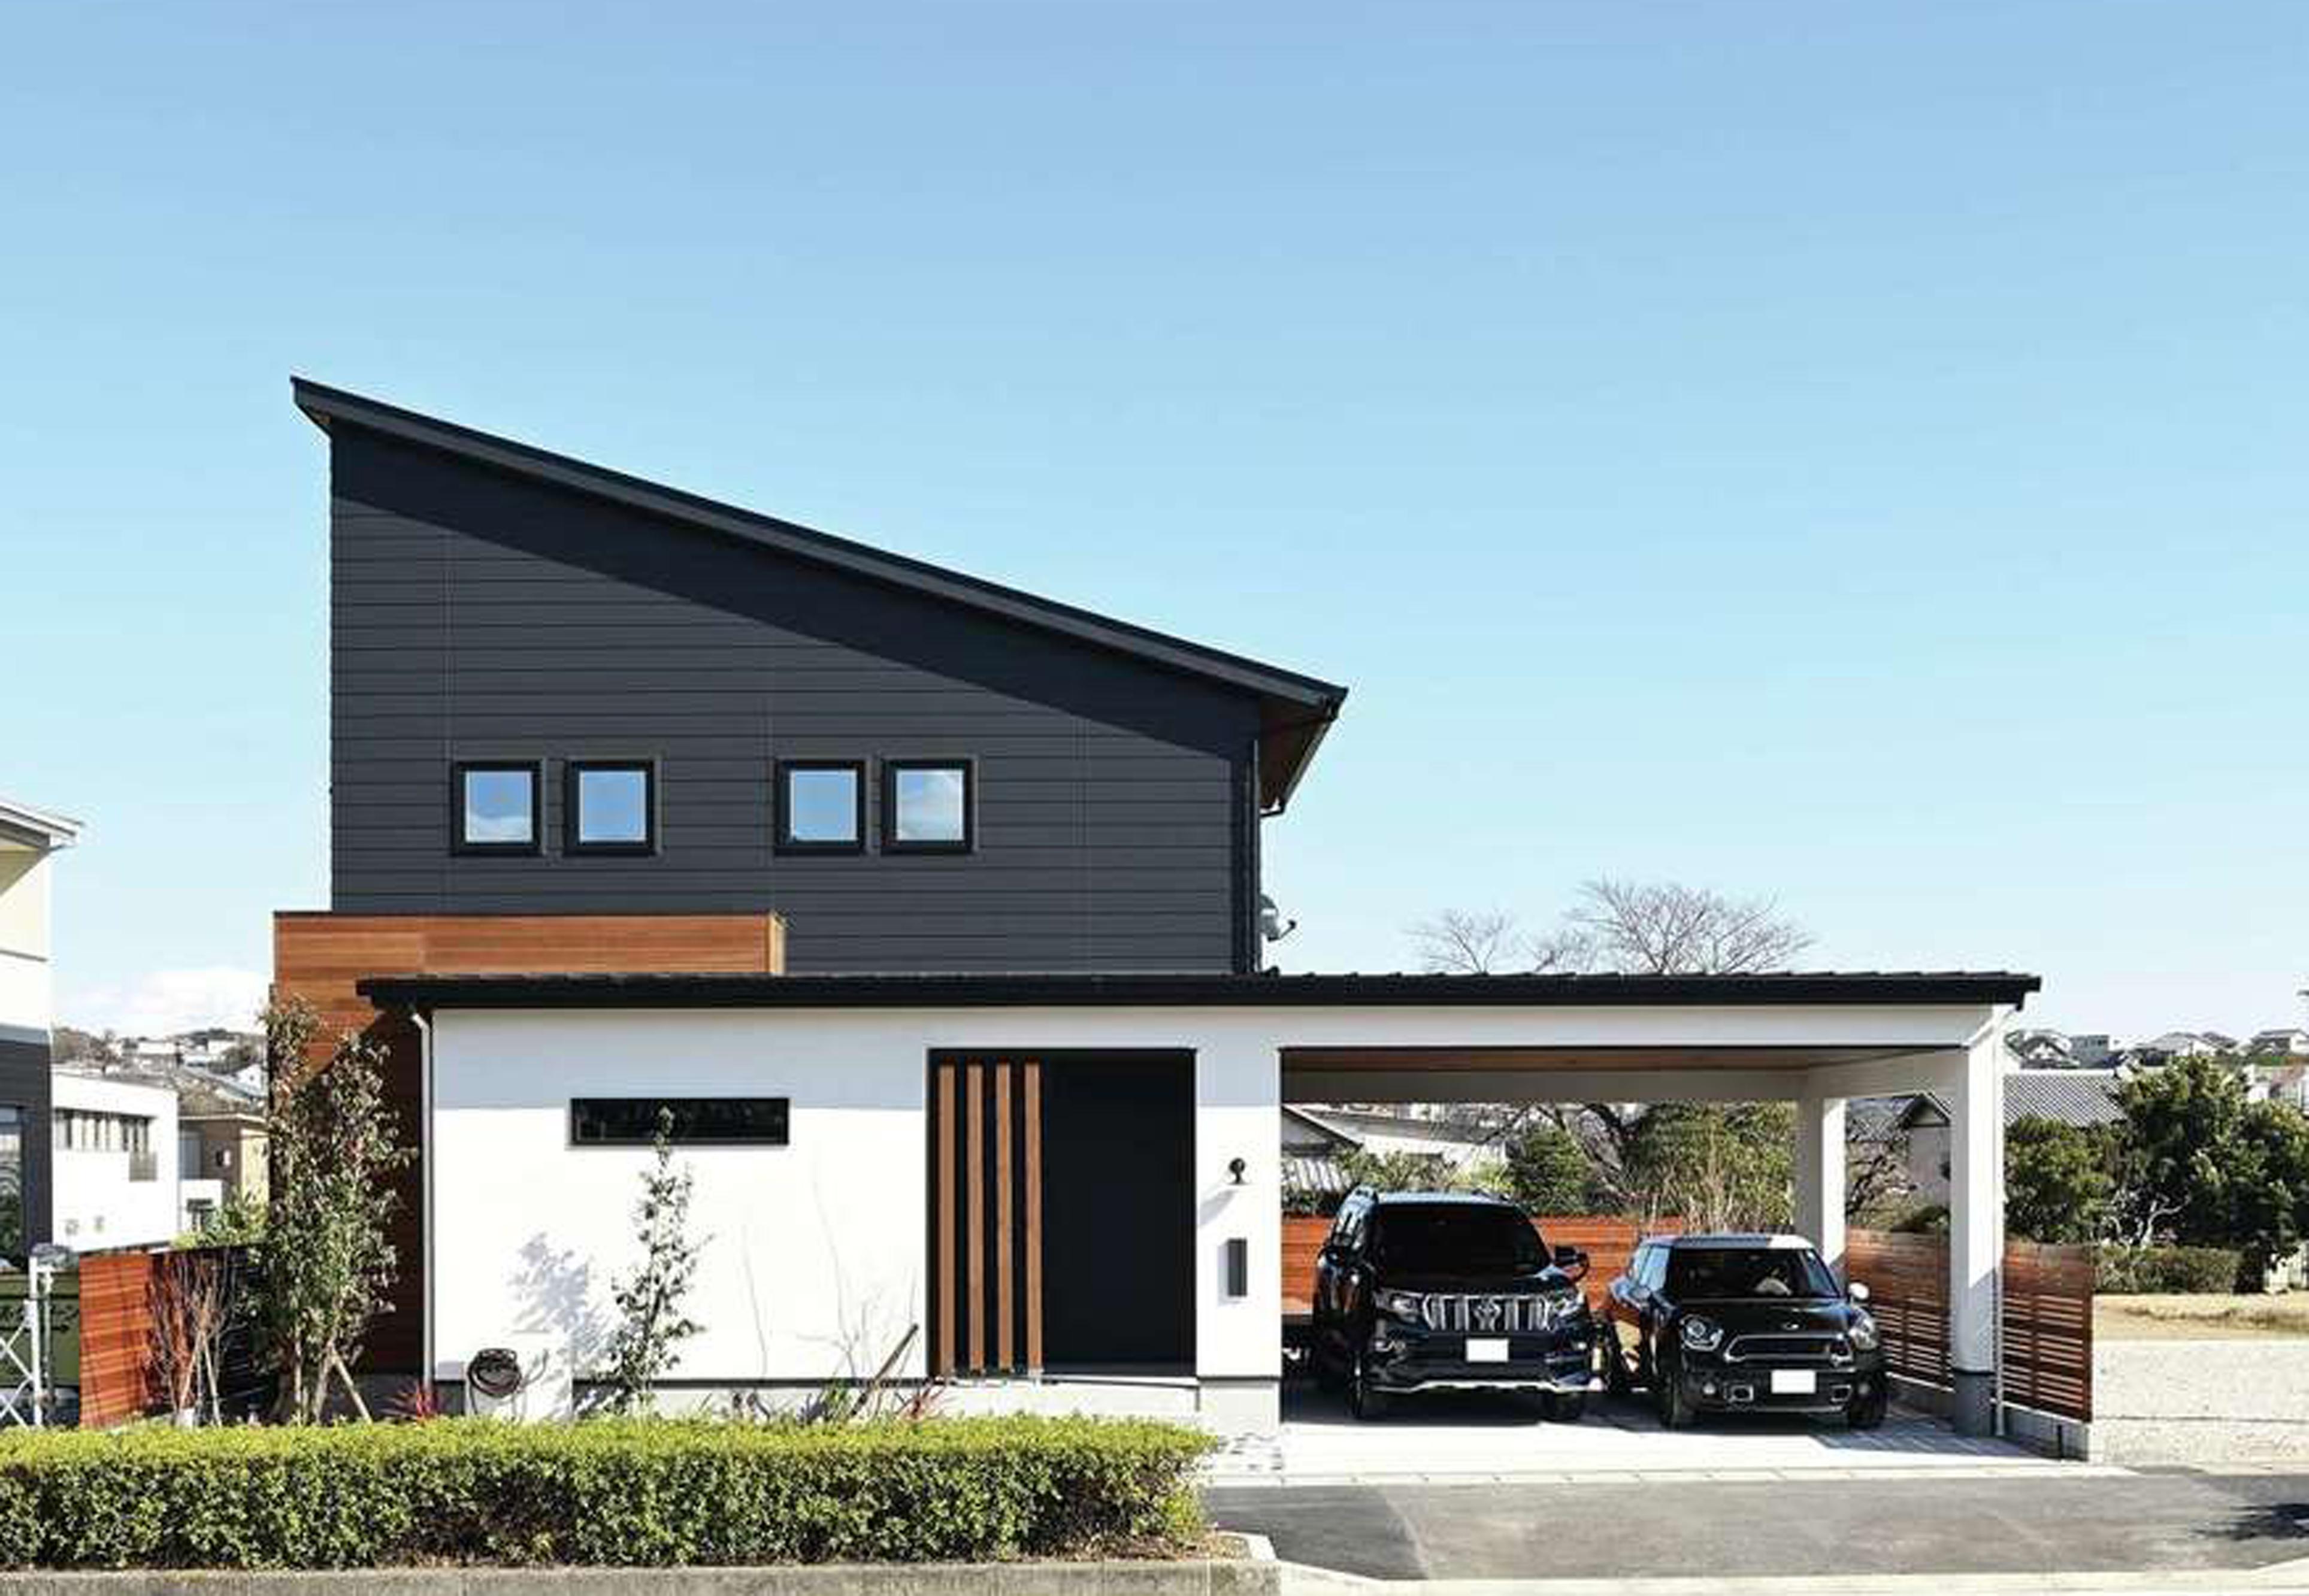 Yamaguchi Design 【磐田市見付1853-19・モデルハウス】建物の1階とガレージの屋根が一体化したスタイリッシュな外観デザイン。水平、垂直の美しいラインも計算されている。黒いガルバリウム、白い塗り壁、天然木の異素材がバランス良く調和し、青空にもよく映える。片流れの屋根に7kWの太陽光発電を搭載